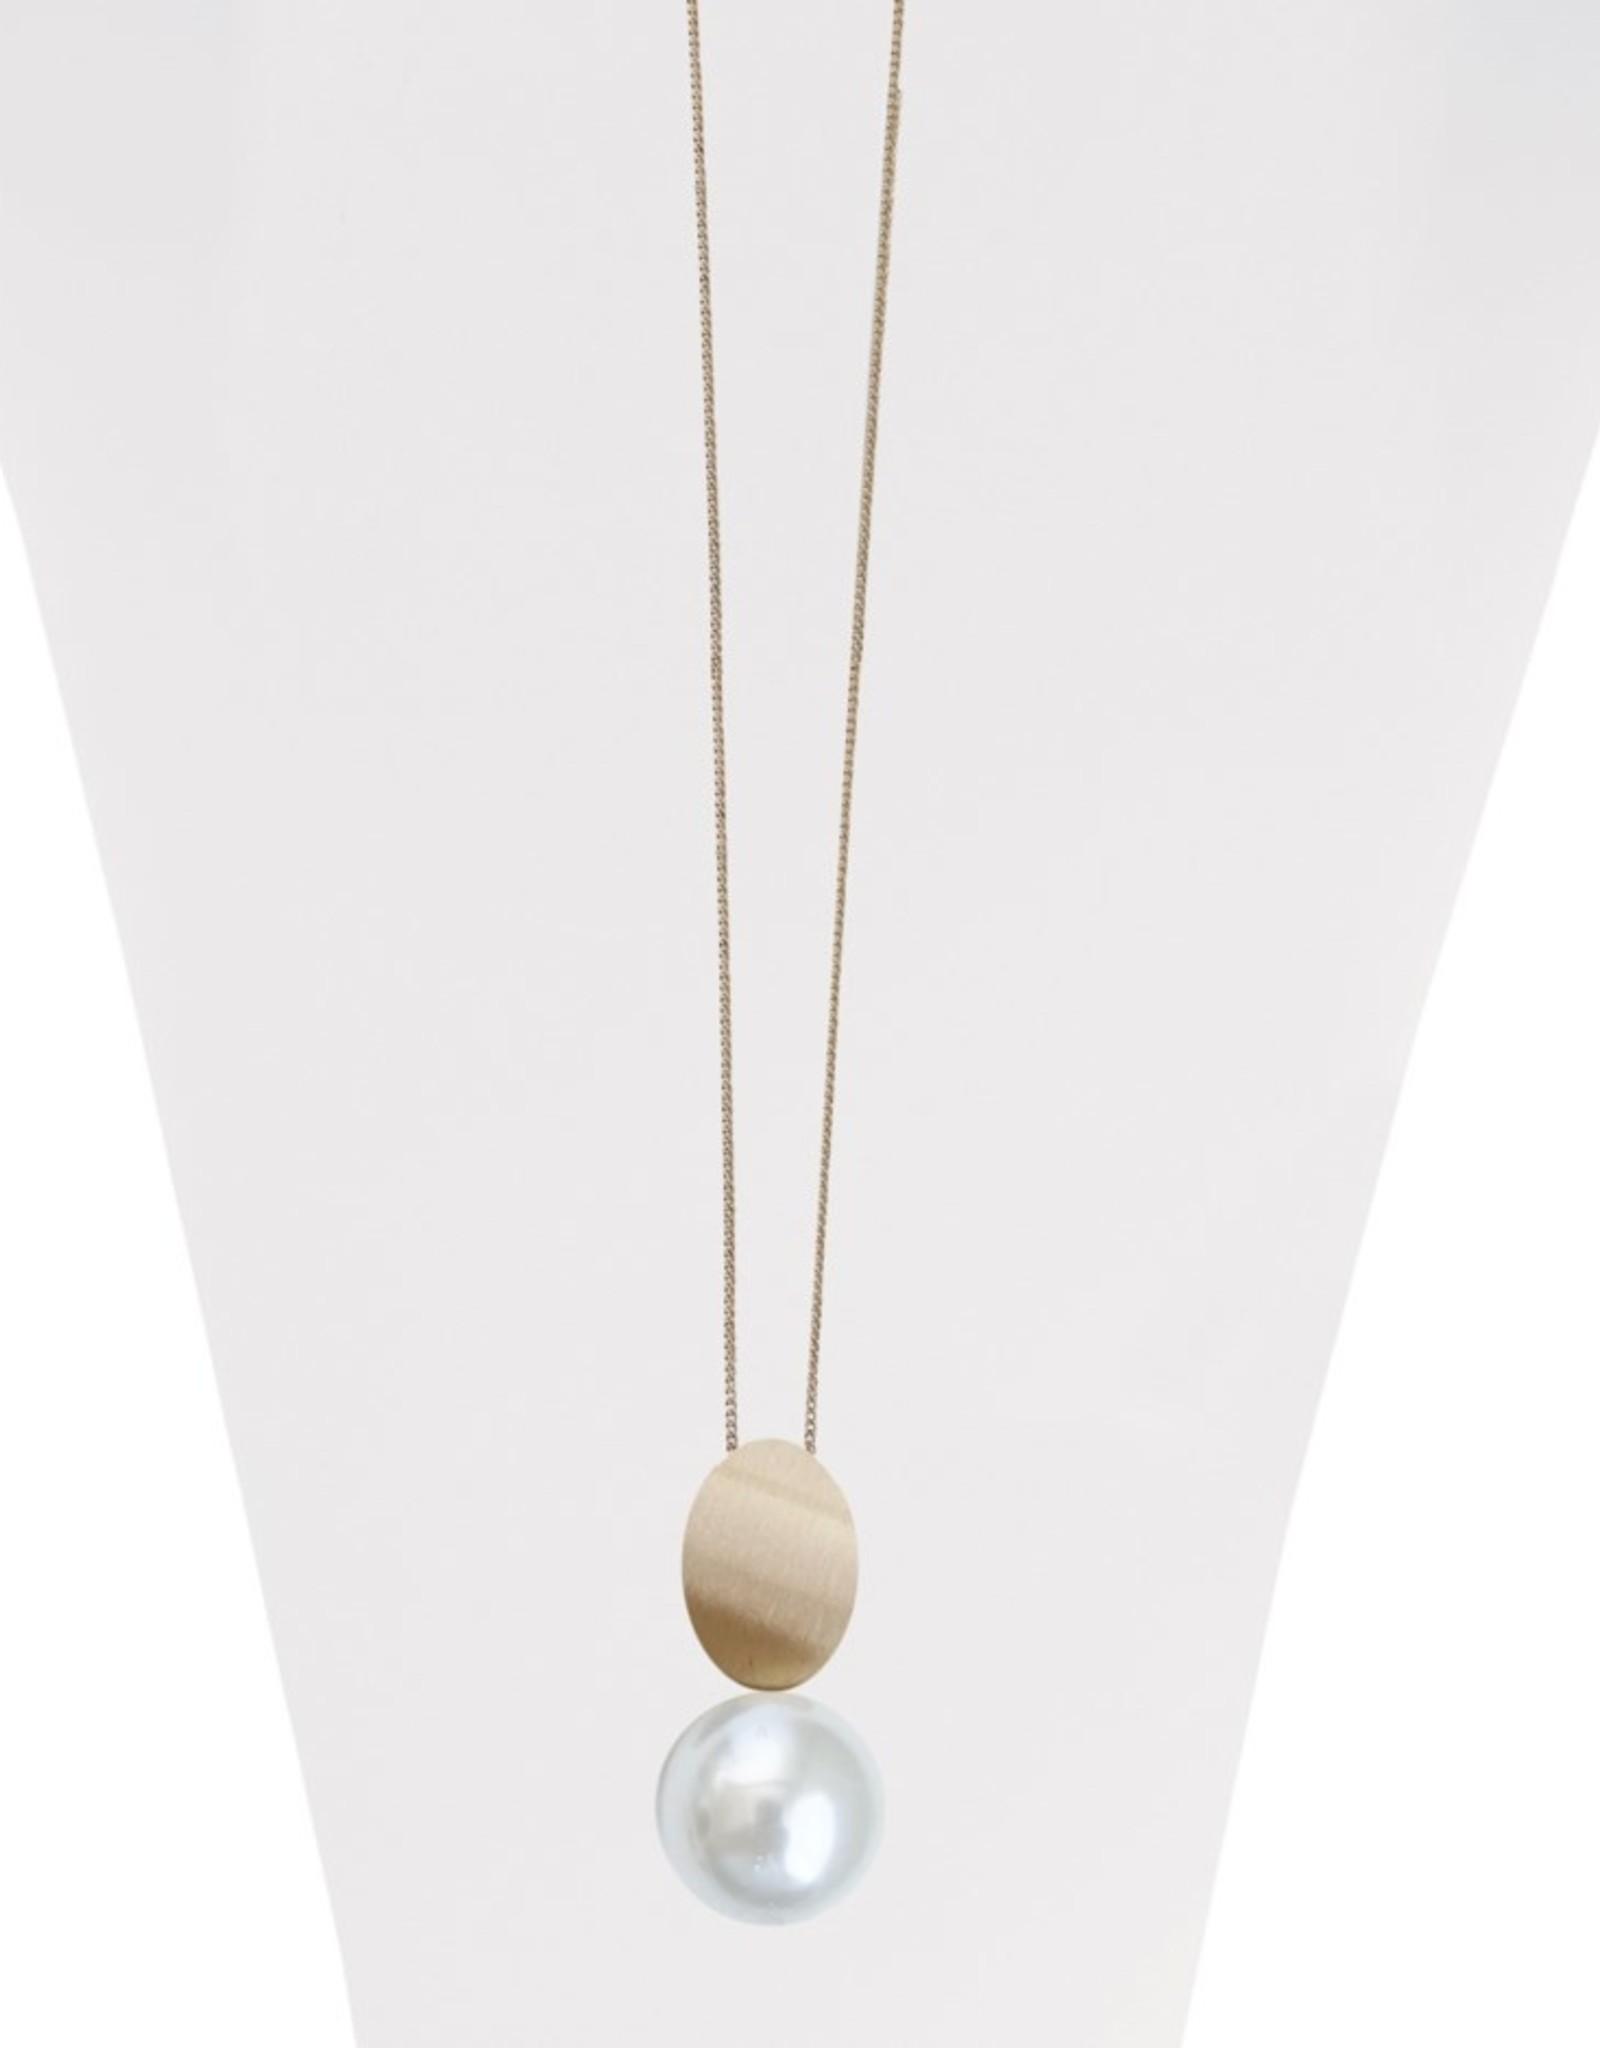 Long collier ajustable avec pendentif métalique brossé et perle-or